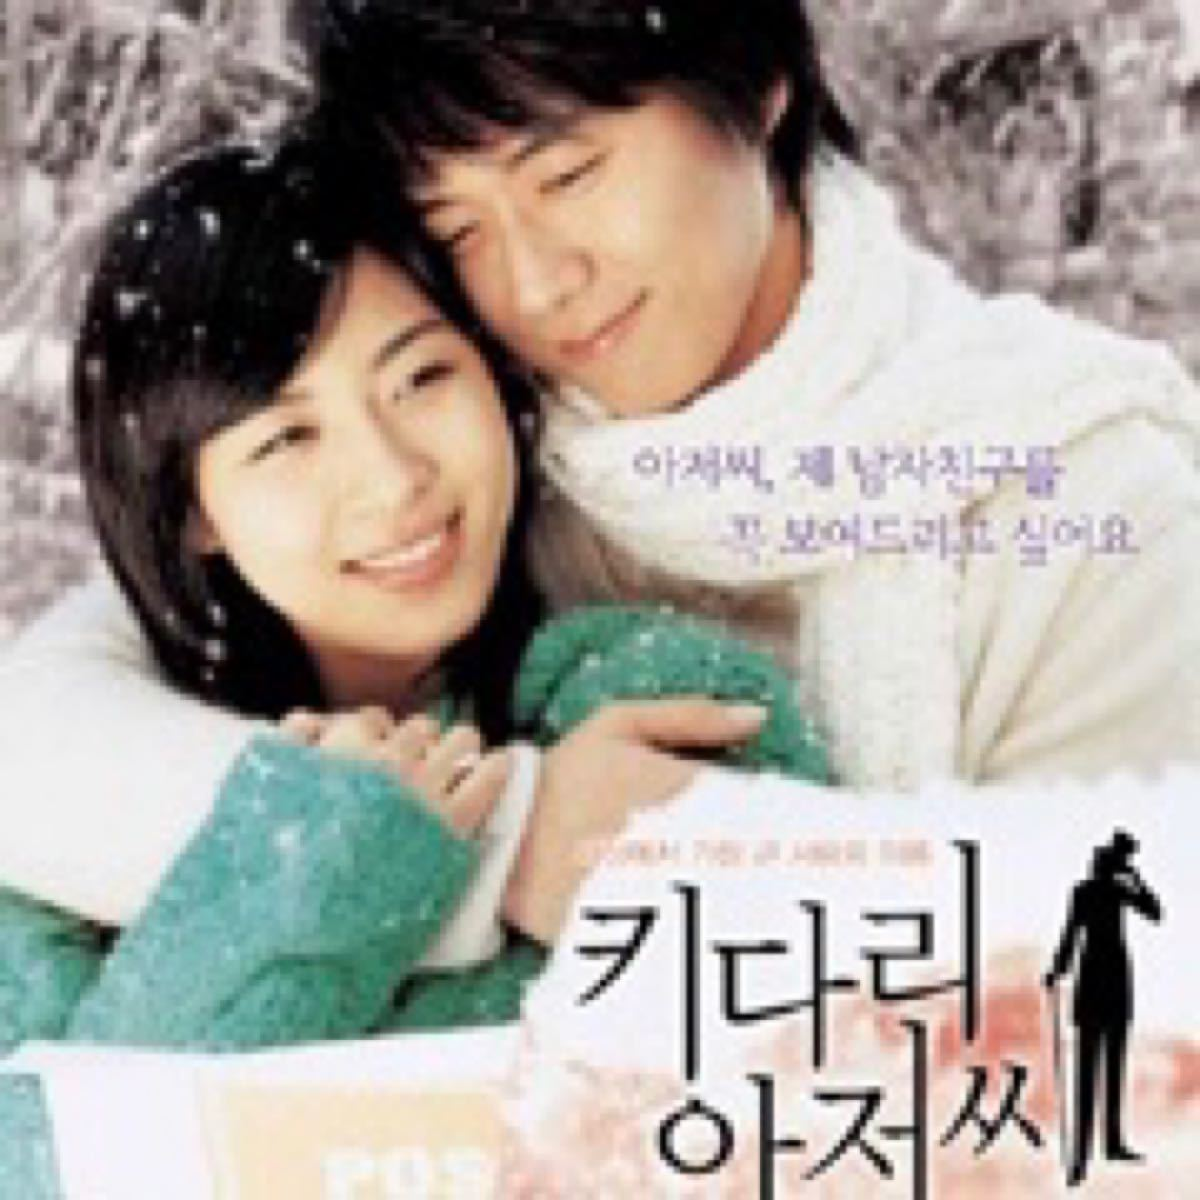 韓国映画  ふたつの恋と砂時計  ハ・ジウォン  ヒョンビン  DVD  日本語吹替有り  レーベル有り